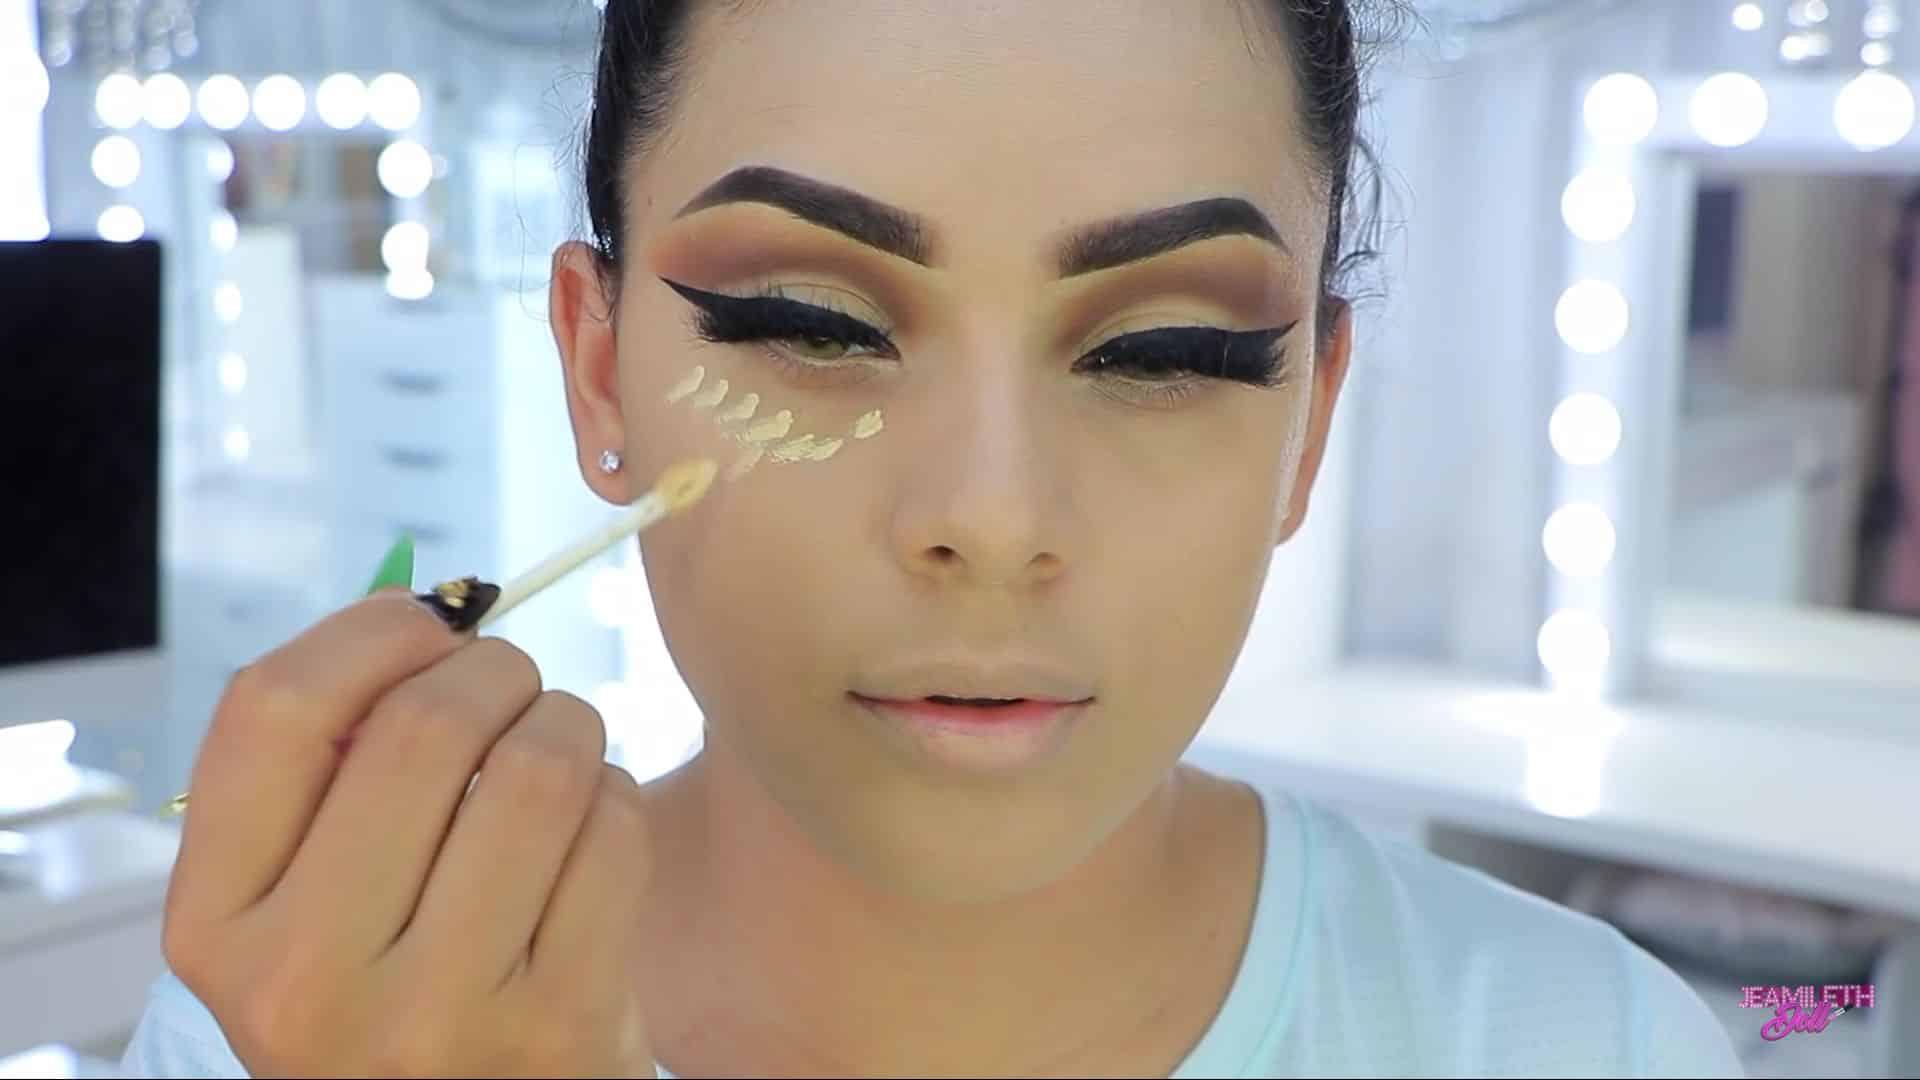 Maquillate como Jasmine facil y rapido Jeamileth Doll 2020, aplicación de corrector de ojeras